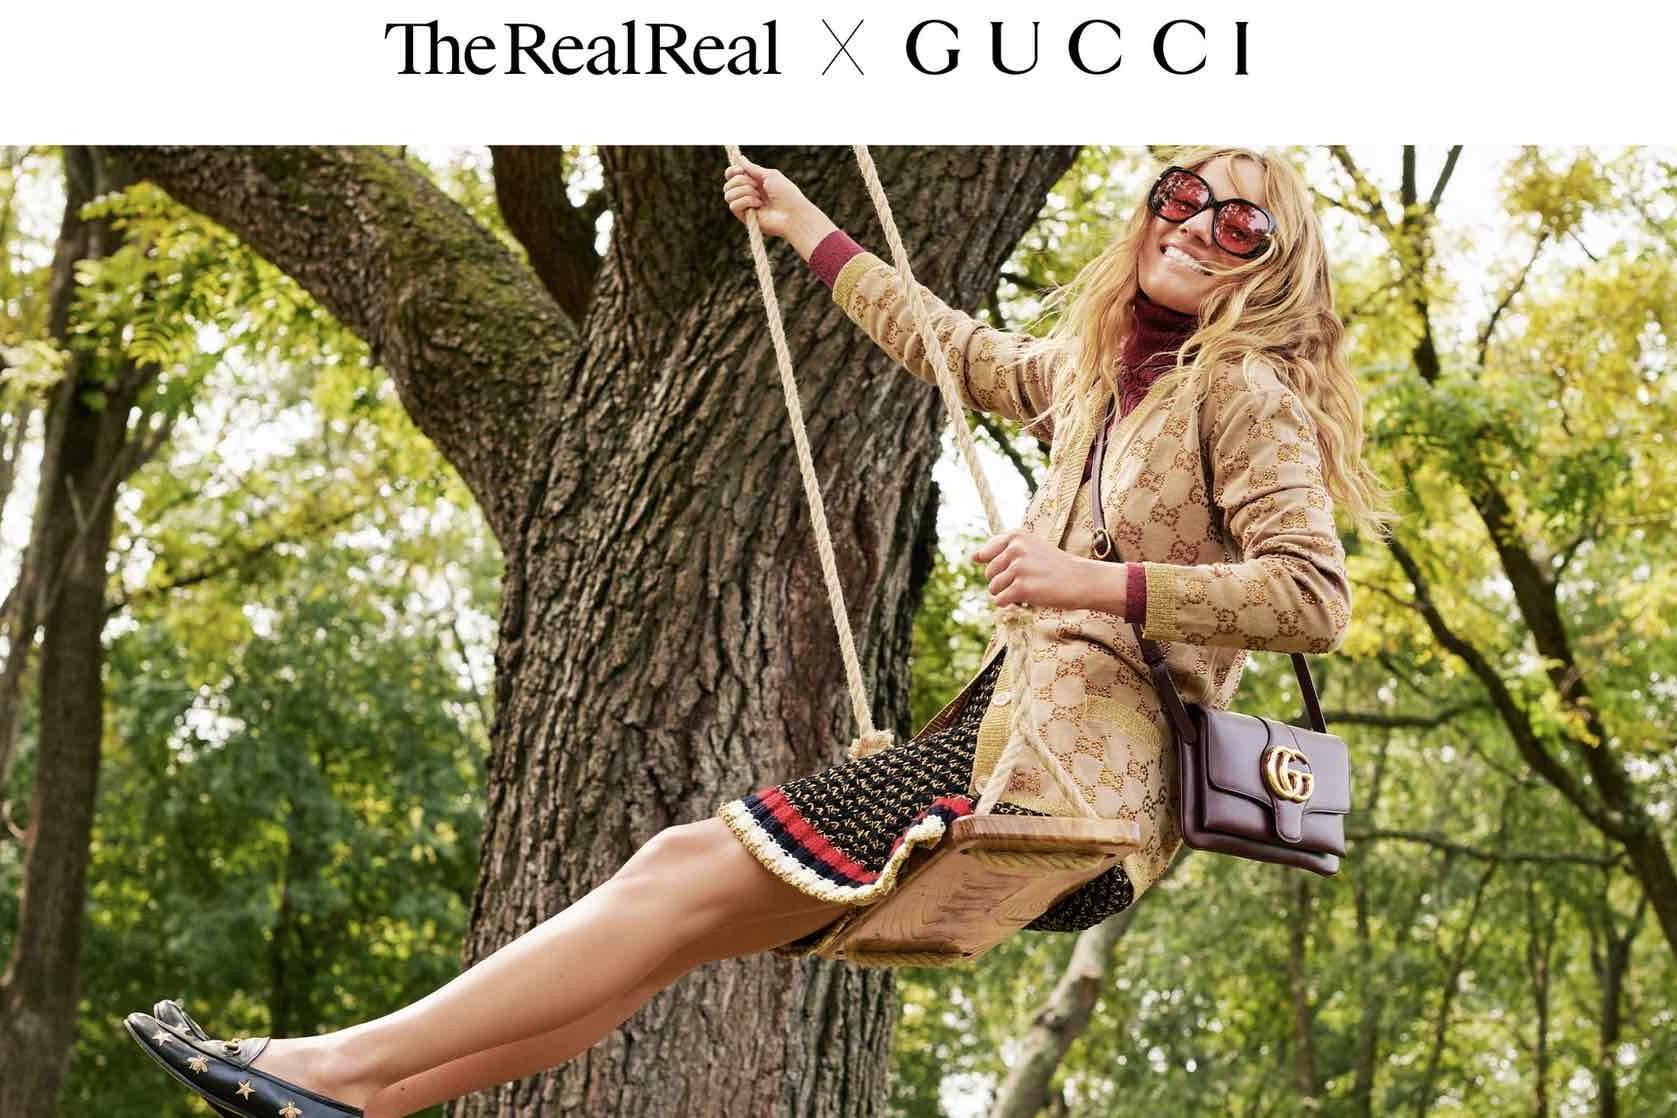 Gucci 为二手奢侈品交易正名:与美国奢侈品转售平台 The RealReal 展开正式合作